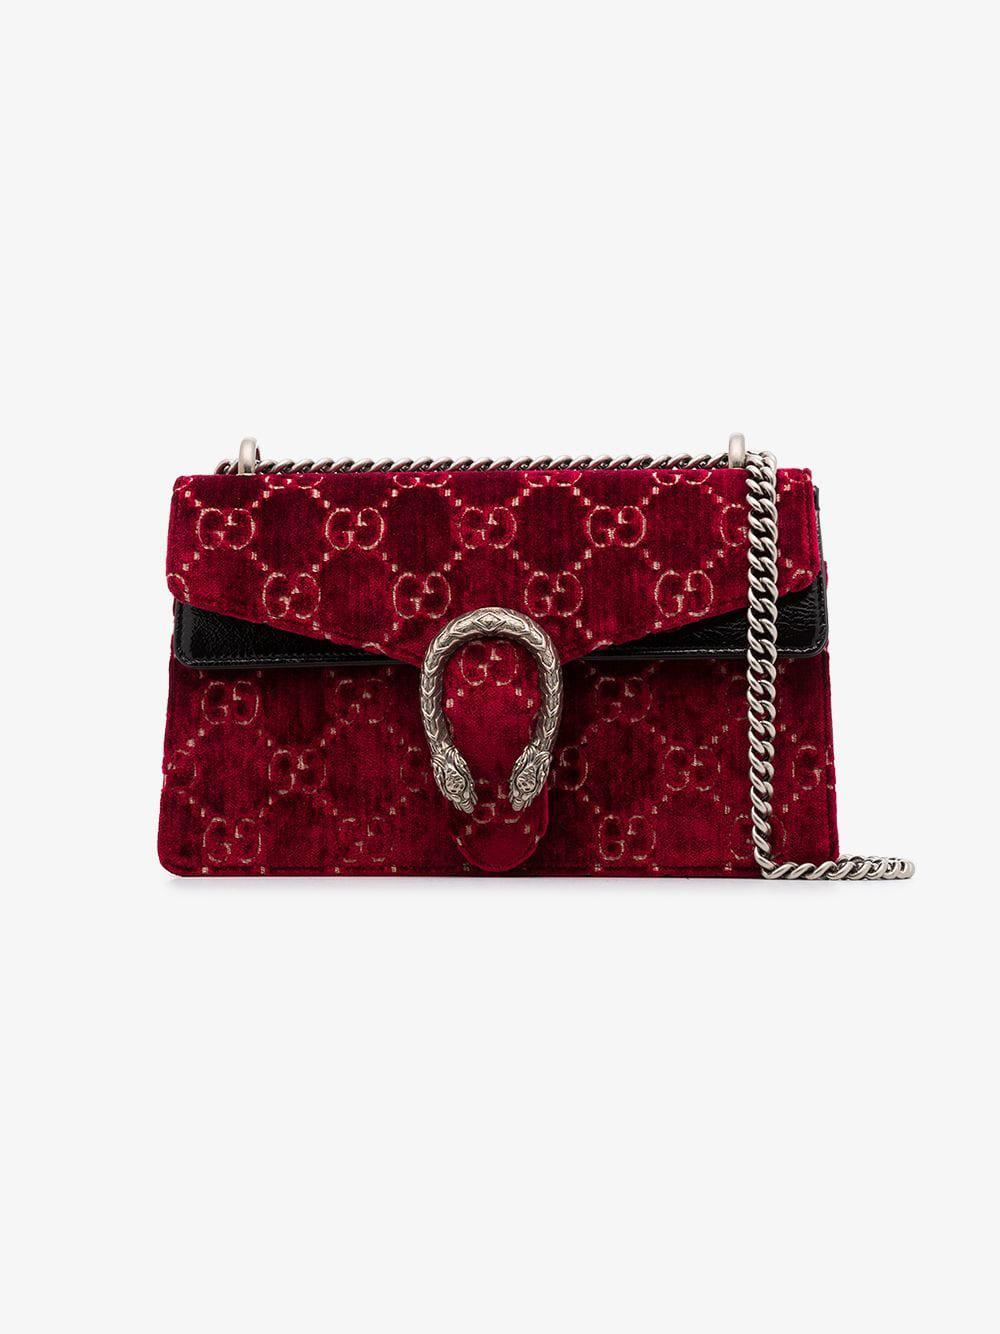 5af5b3755e68 Lyst - Gucci Red Dionysus GG Velvet Small Shoulder Bag in Red